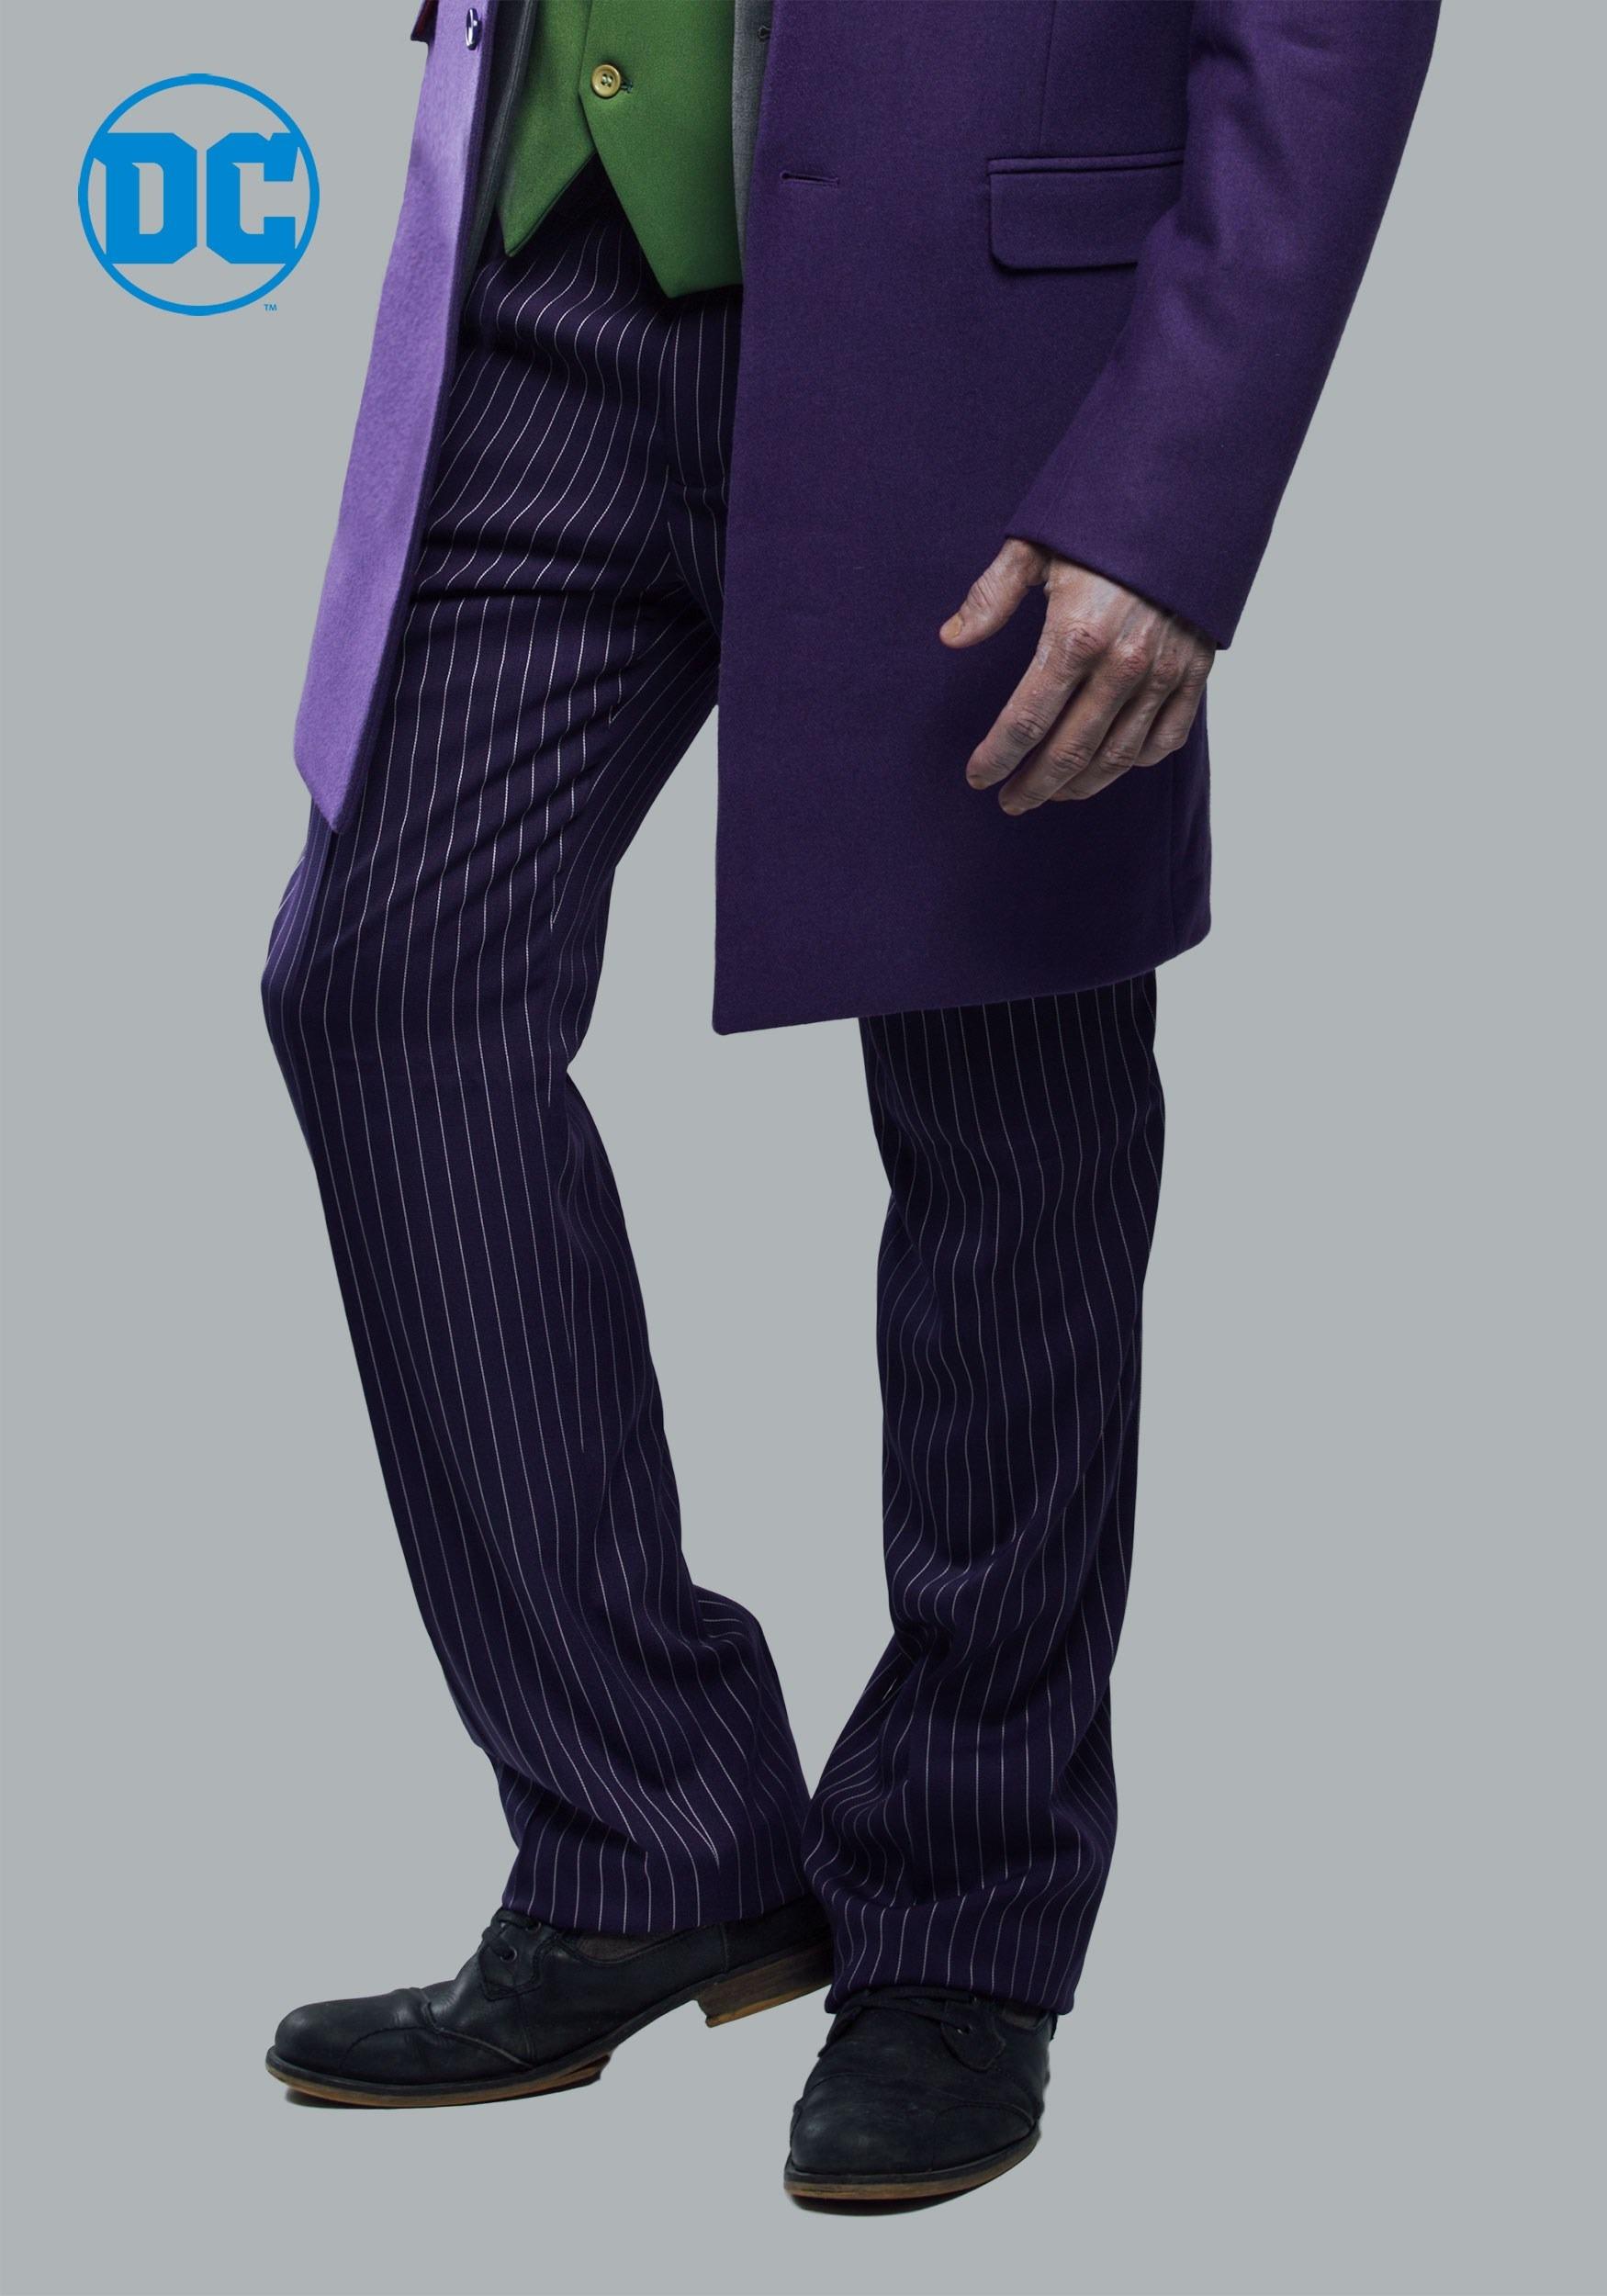 THE JOKER Suit Pants (Authentic) FUN9011P